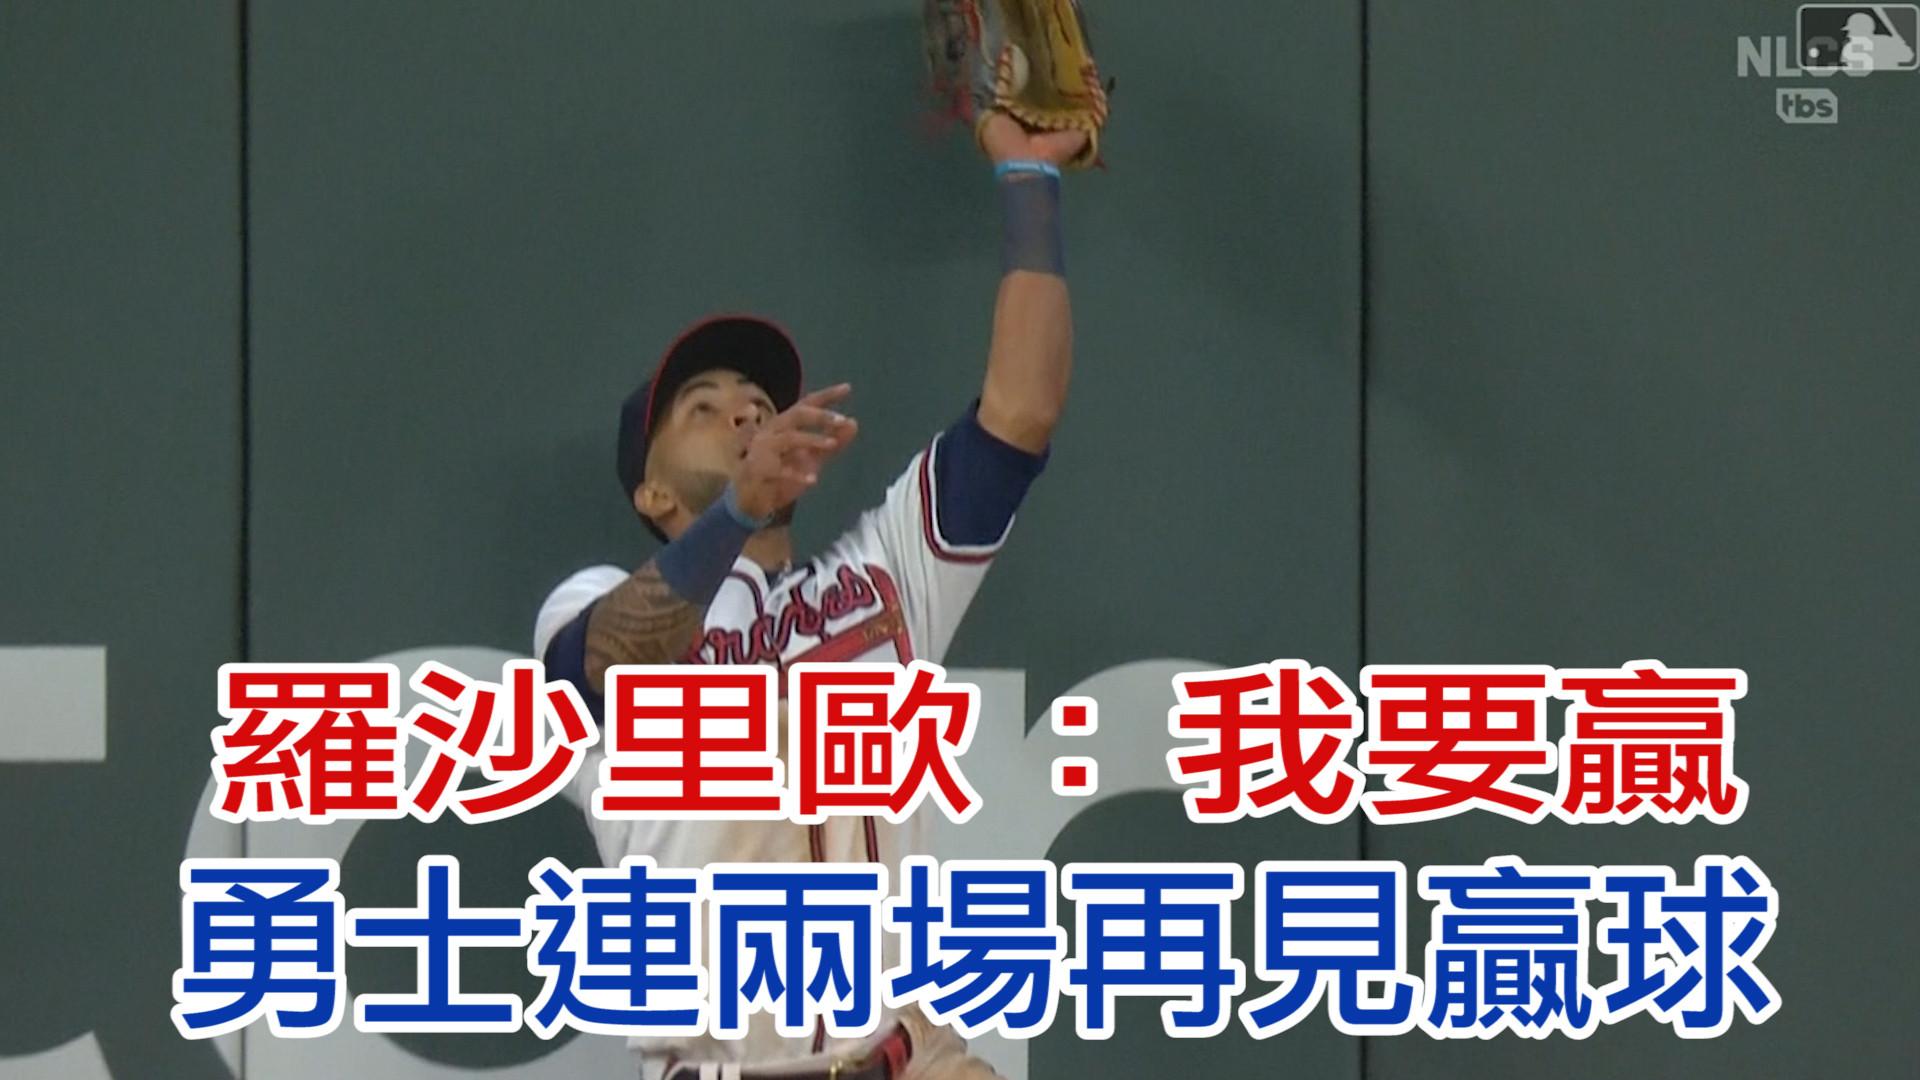 【MLB看愛爾達】再見安展現價值 羅沙里歐:我要贏球 10/18